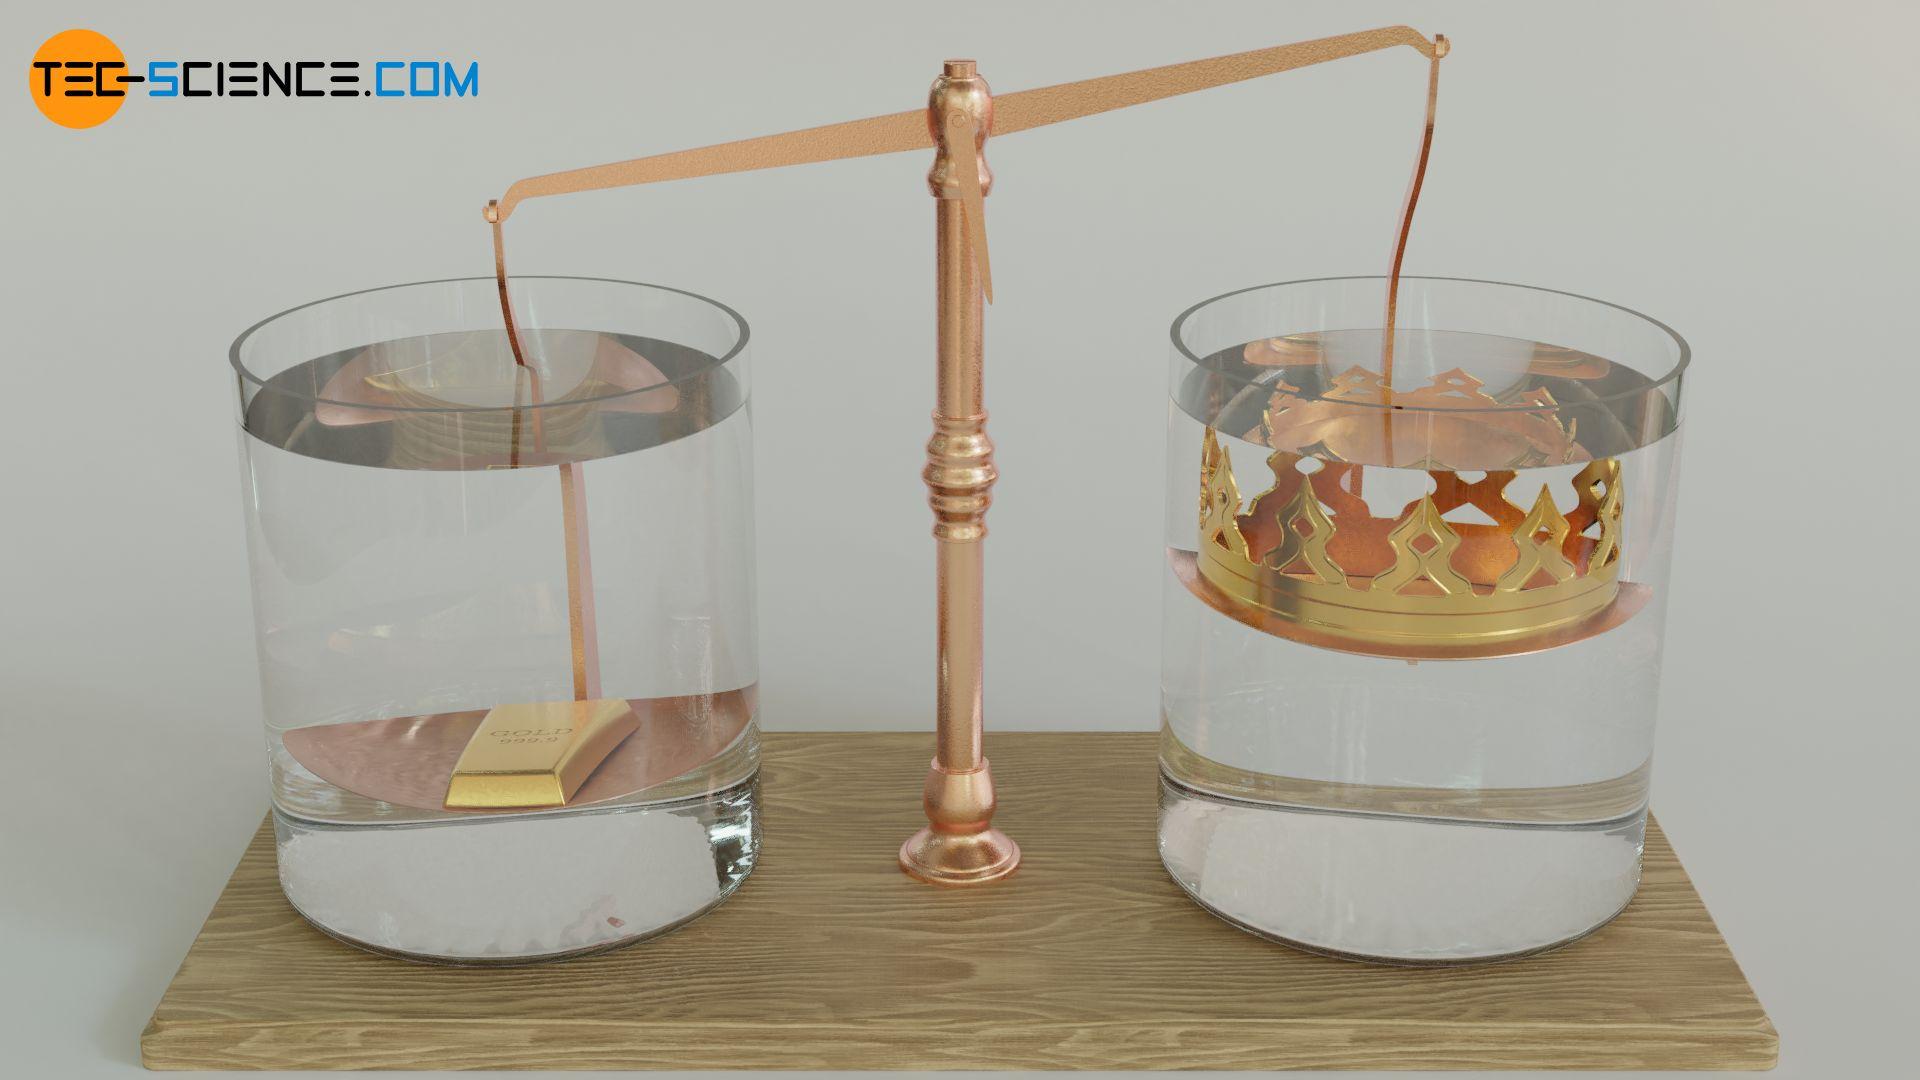 Goldbarren und Krone gleicher Masse eingetaucht in Wasser an einer Balkenwage